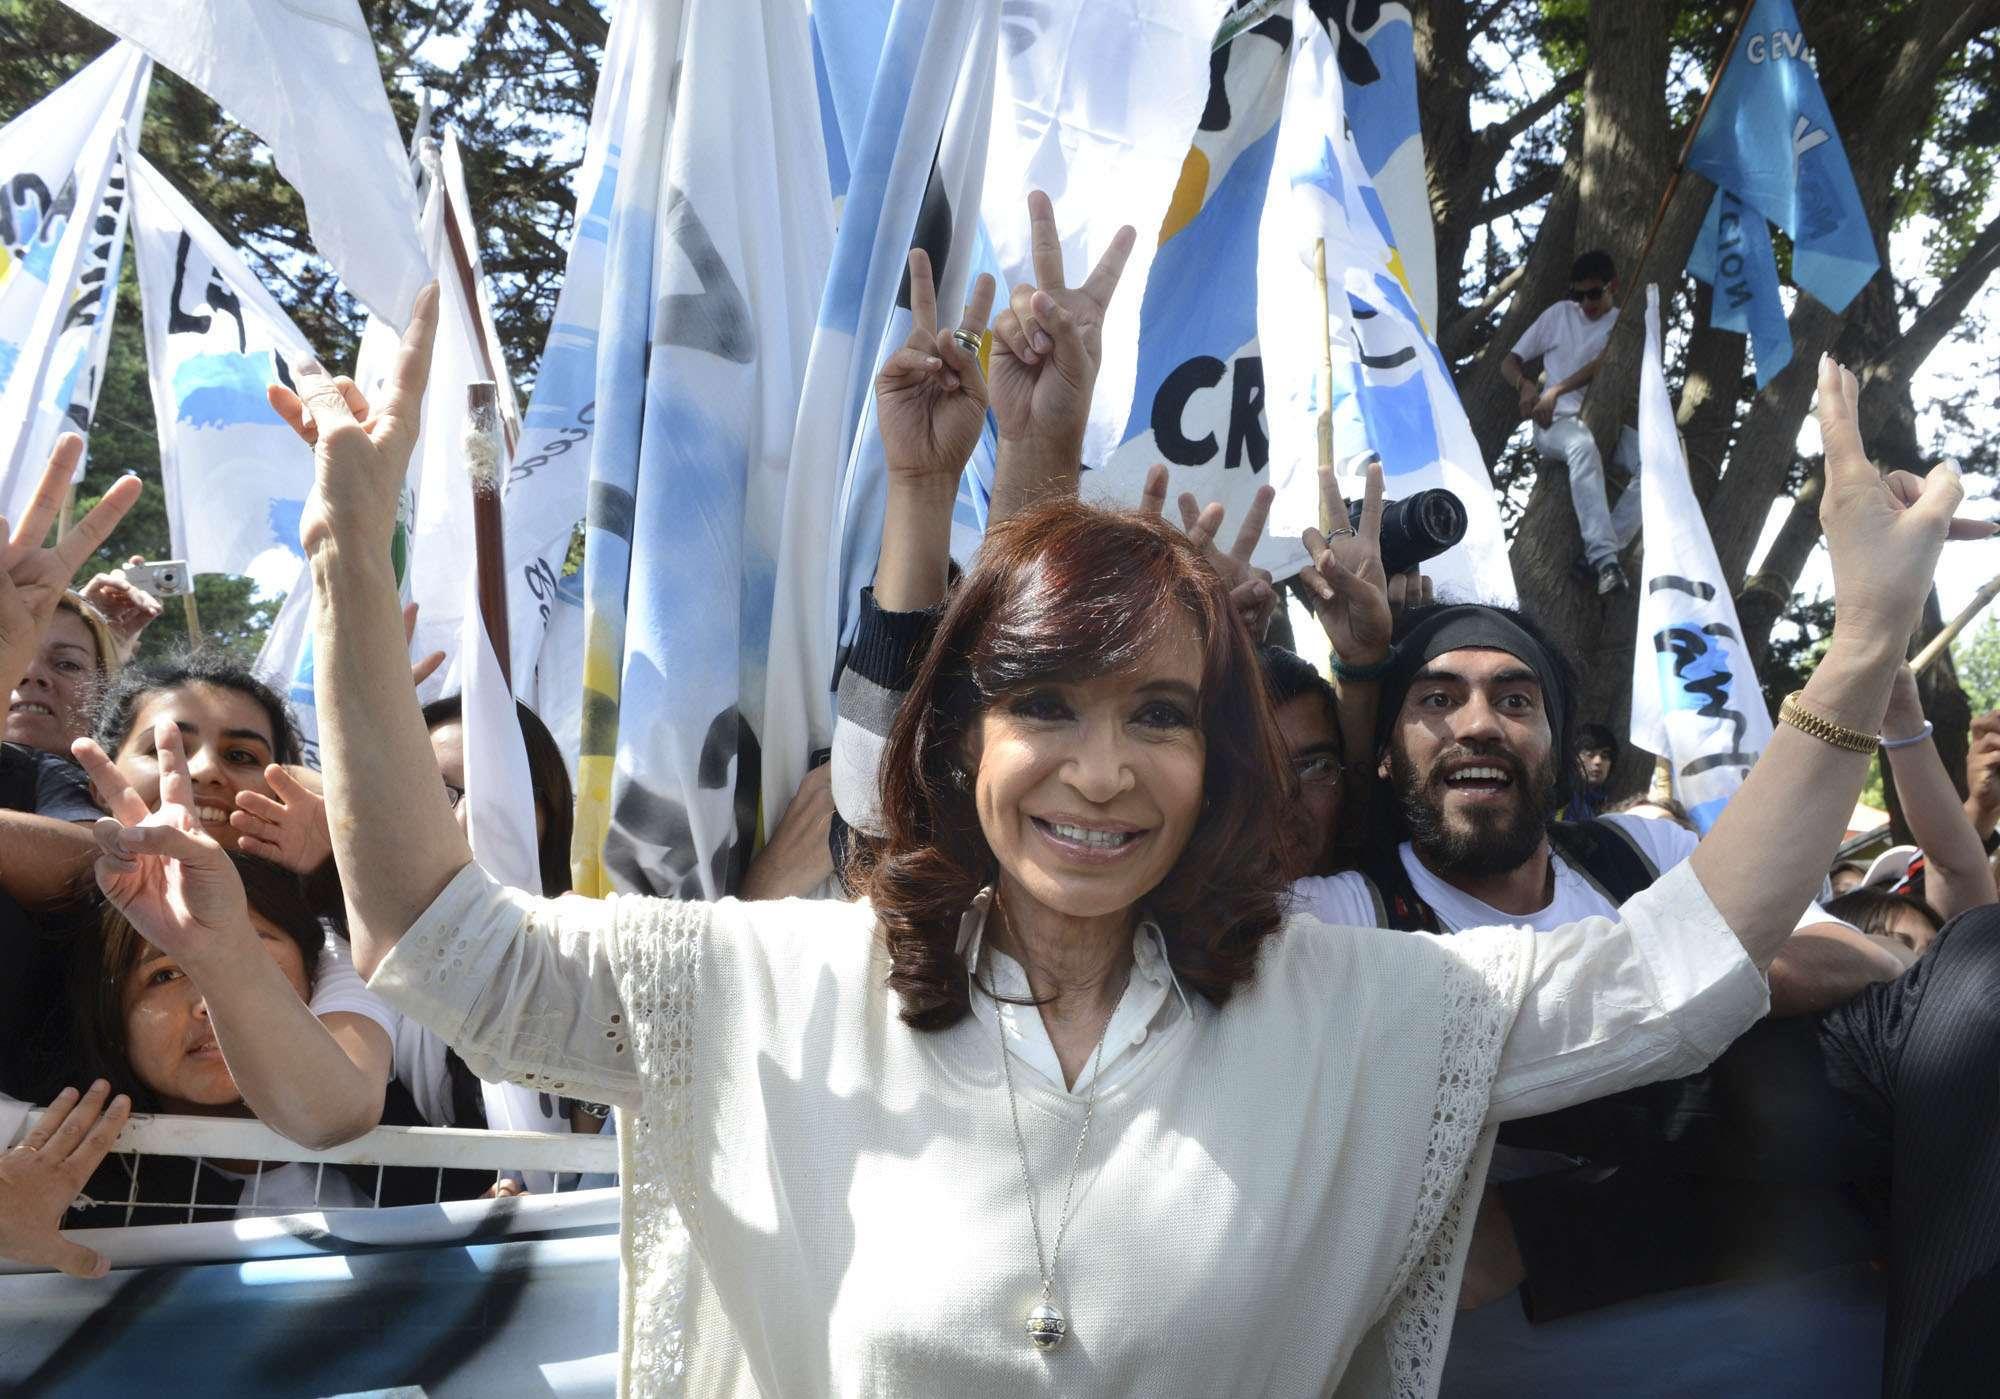 Cristina dará este domingo su último discurso como Presidenta en una apertura de sesiones legislativas. Se espera que haga un balance de su gestión y que haga importantes anuncios. Foto: NA